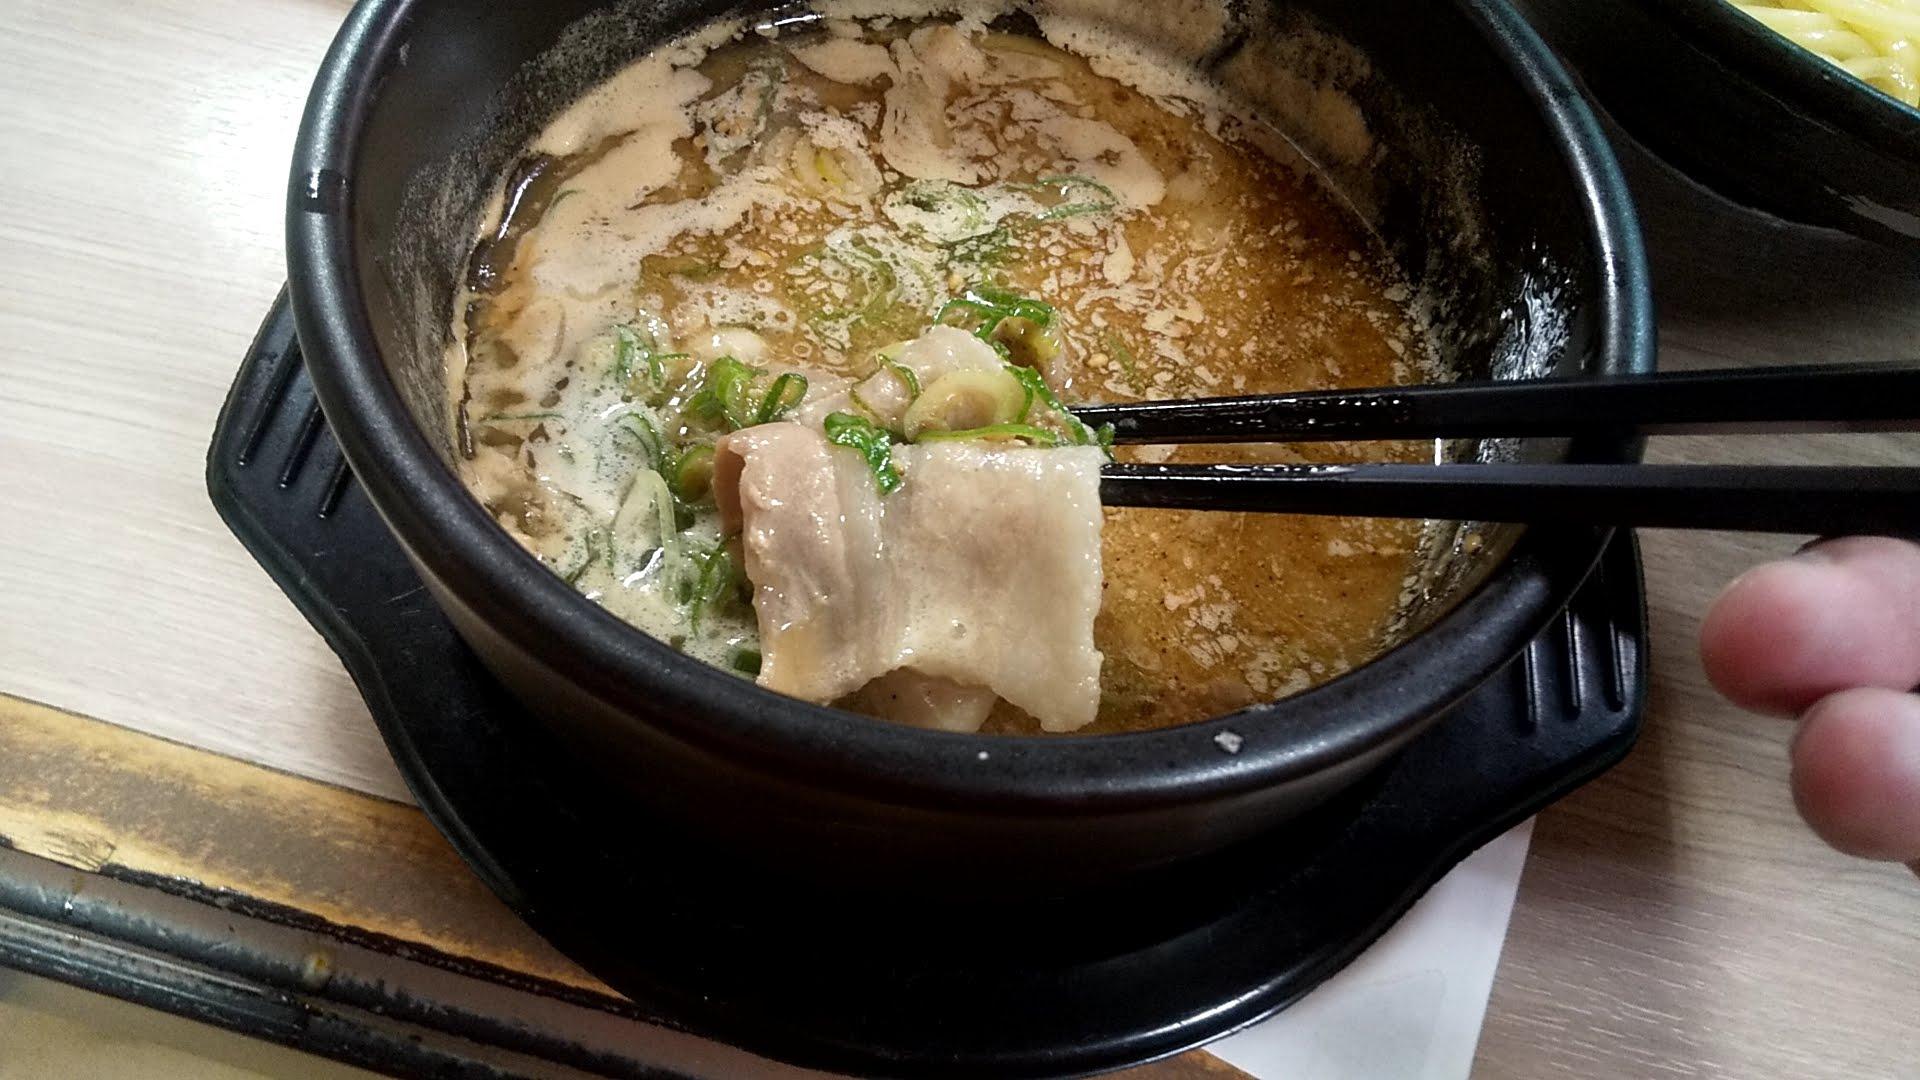 越後つけ麺維新の特製かつおつけ麺のつけ汁の中の豚バラ肉